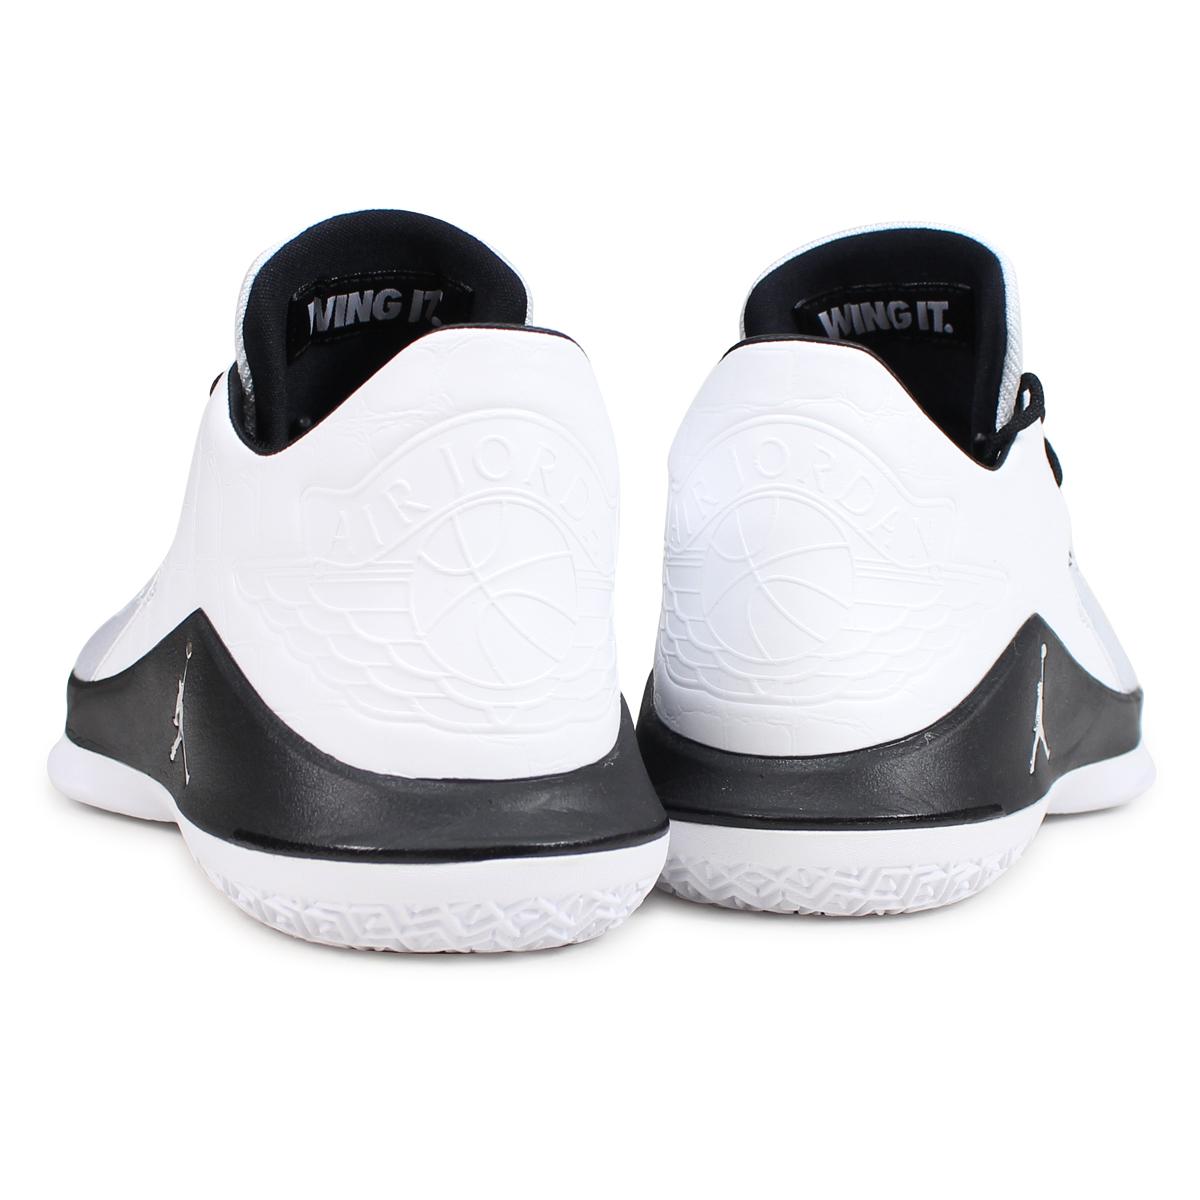 b04a2a0af16c NIKE Nike Air Jordan 32 sneakers men AIR JORDAN XXX2 LOW PF AH3347-102 white